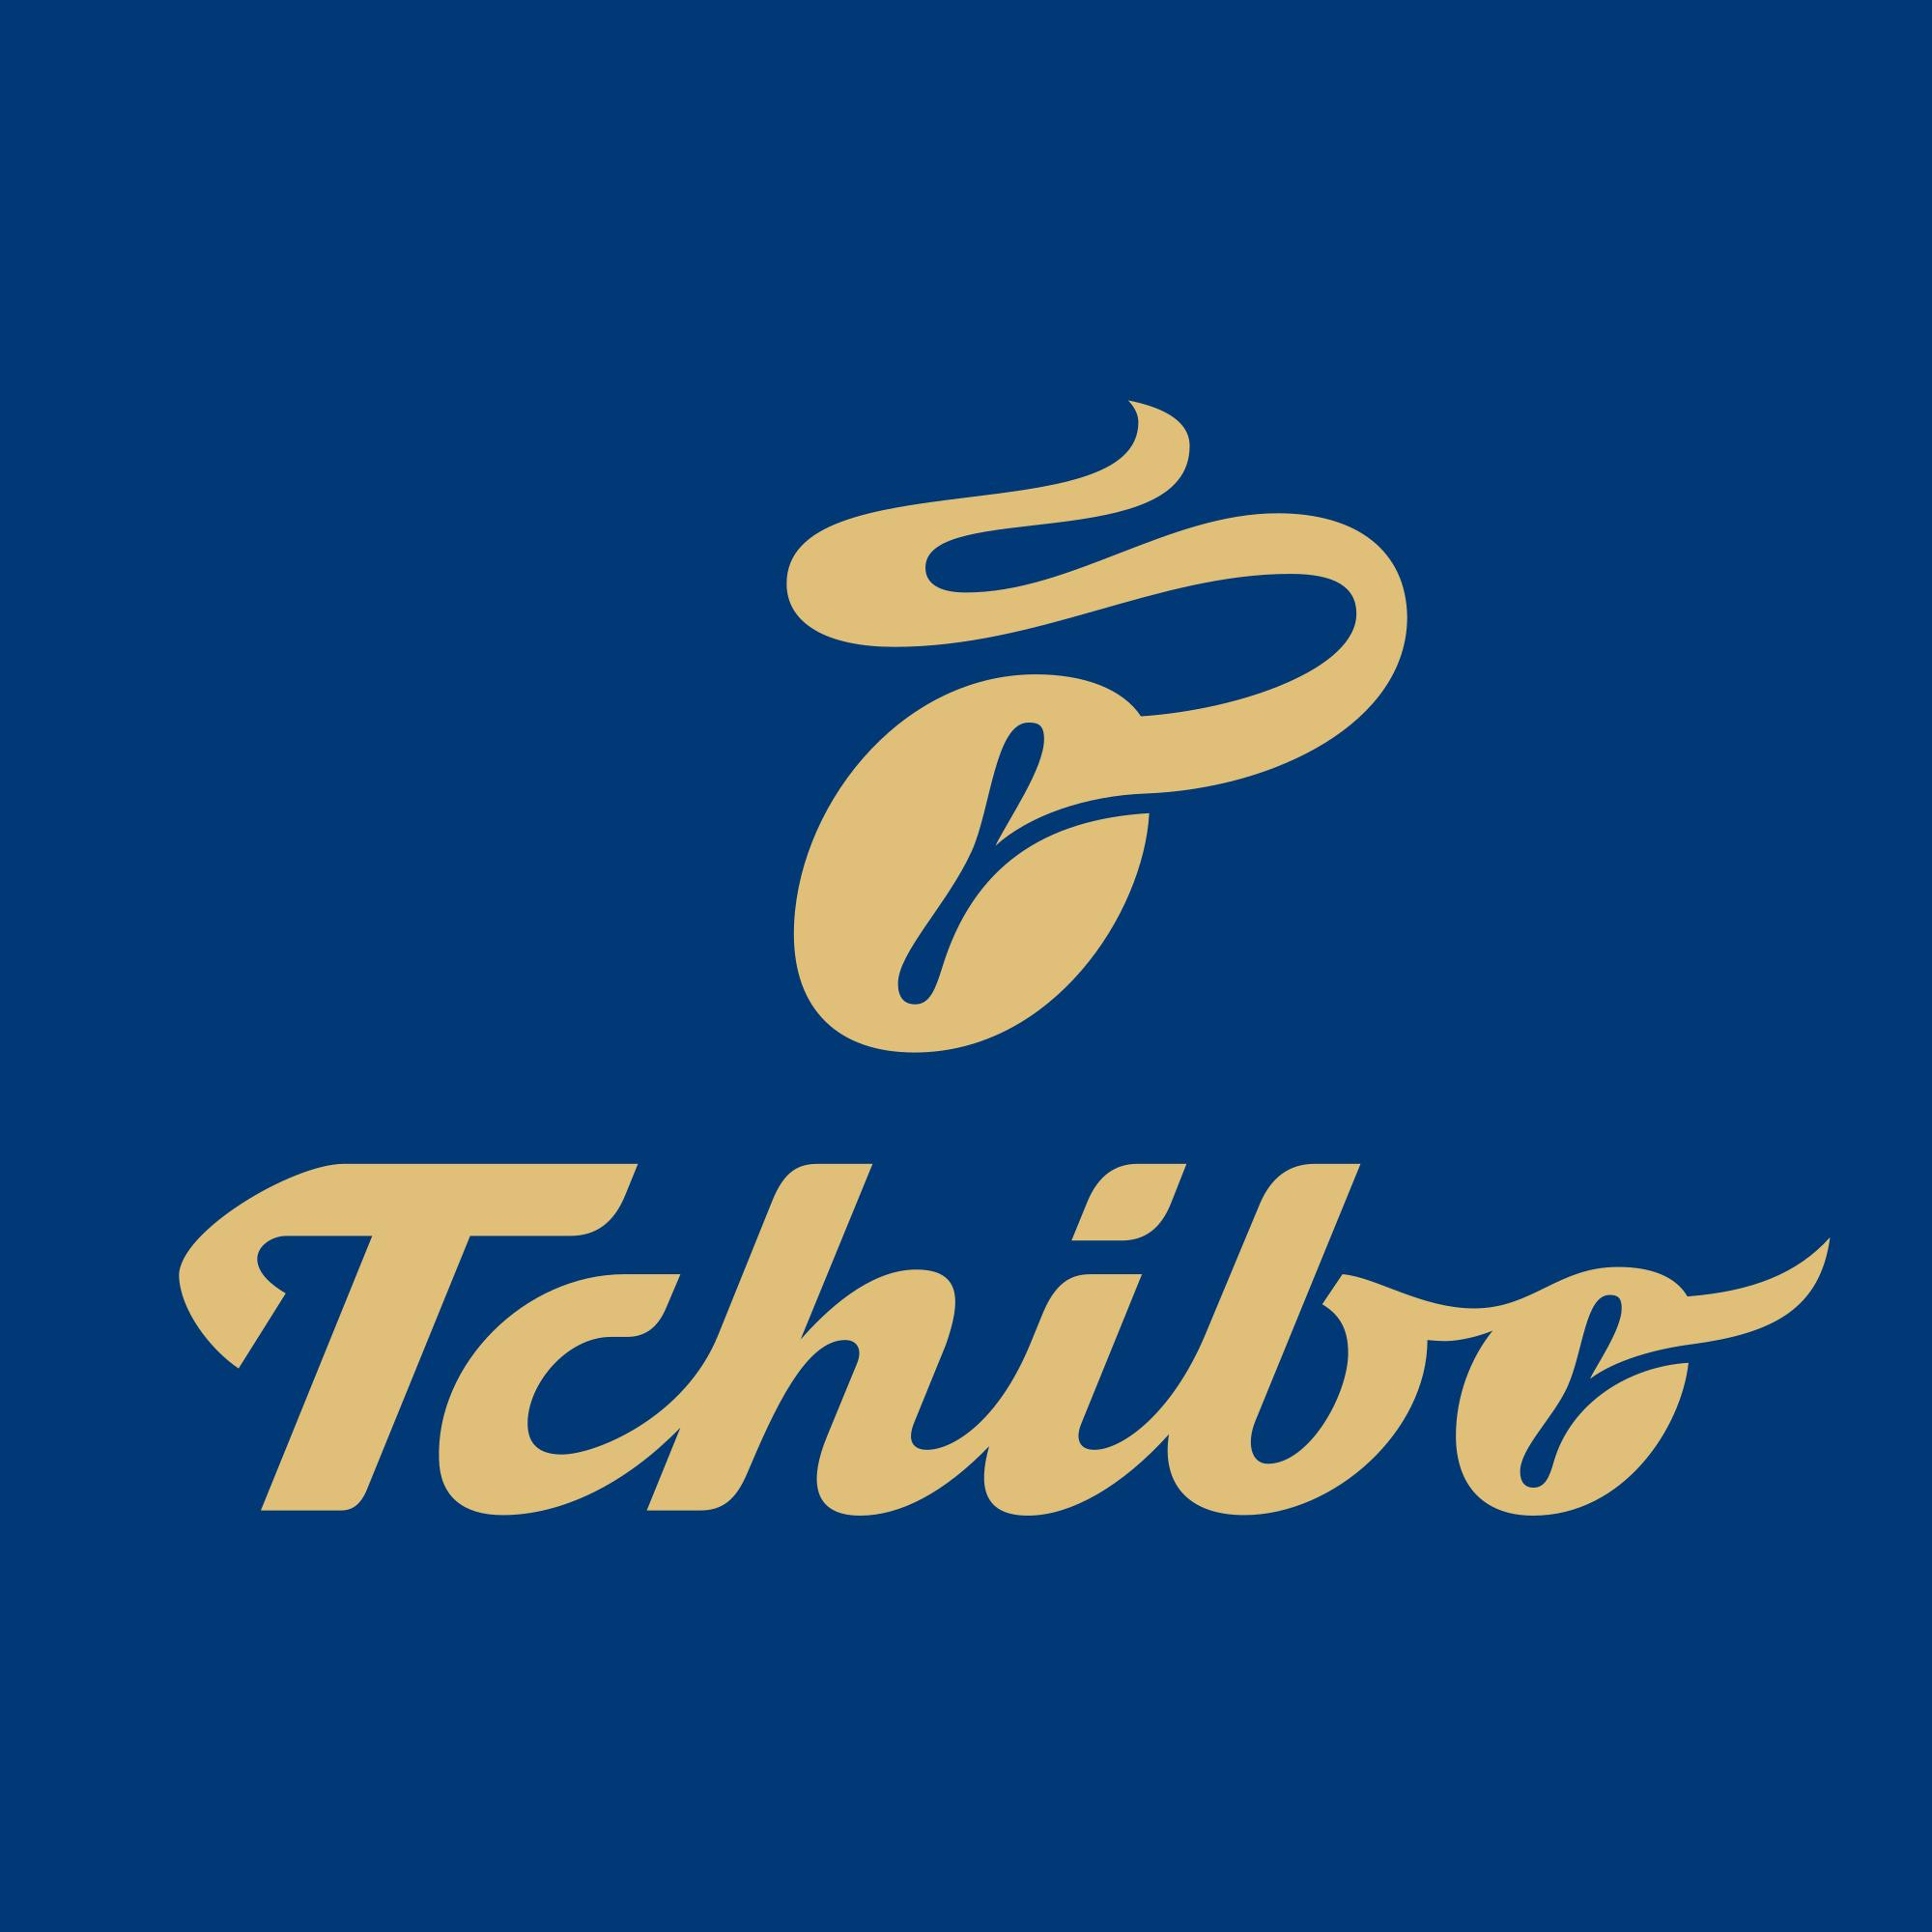 Neuer 3€ Coupon für 2 Tchibo Gebrauchs-Artikel im Supermarkt (25.11.-31.12.2019)